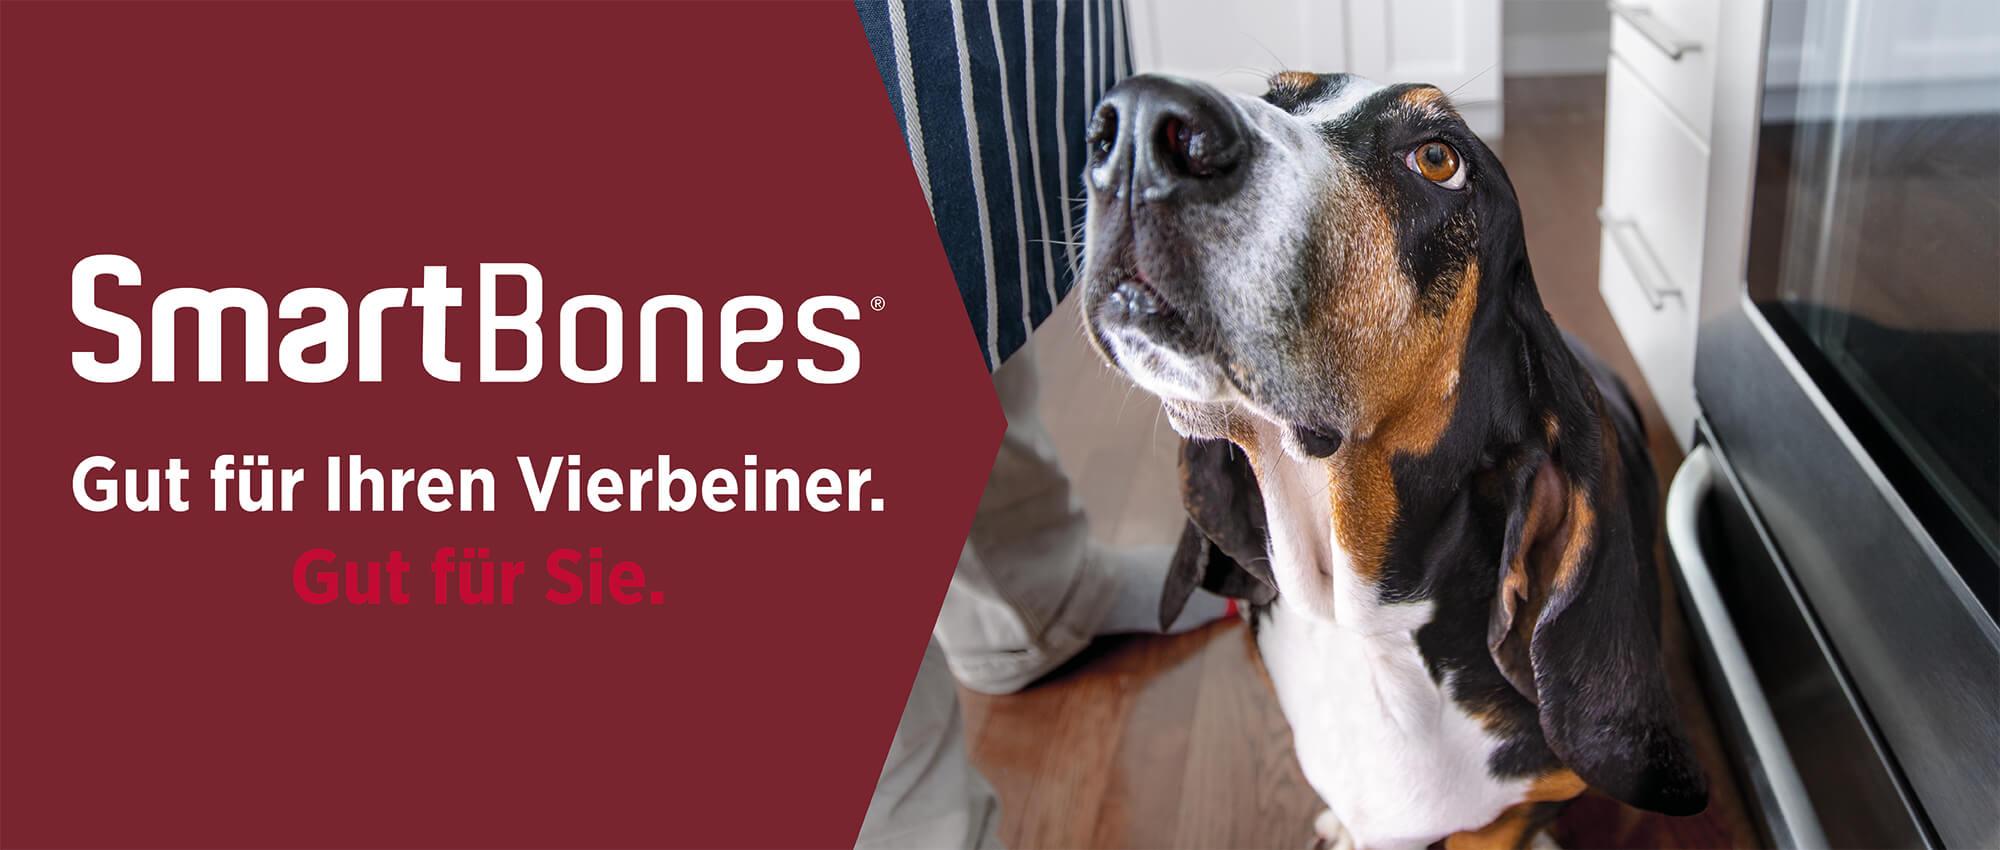 Smartbones Snacks für Hunde: Geld zurück Garantie (exklusiv bei Fressnapf)